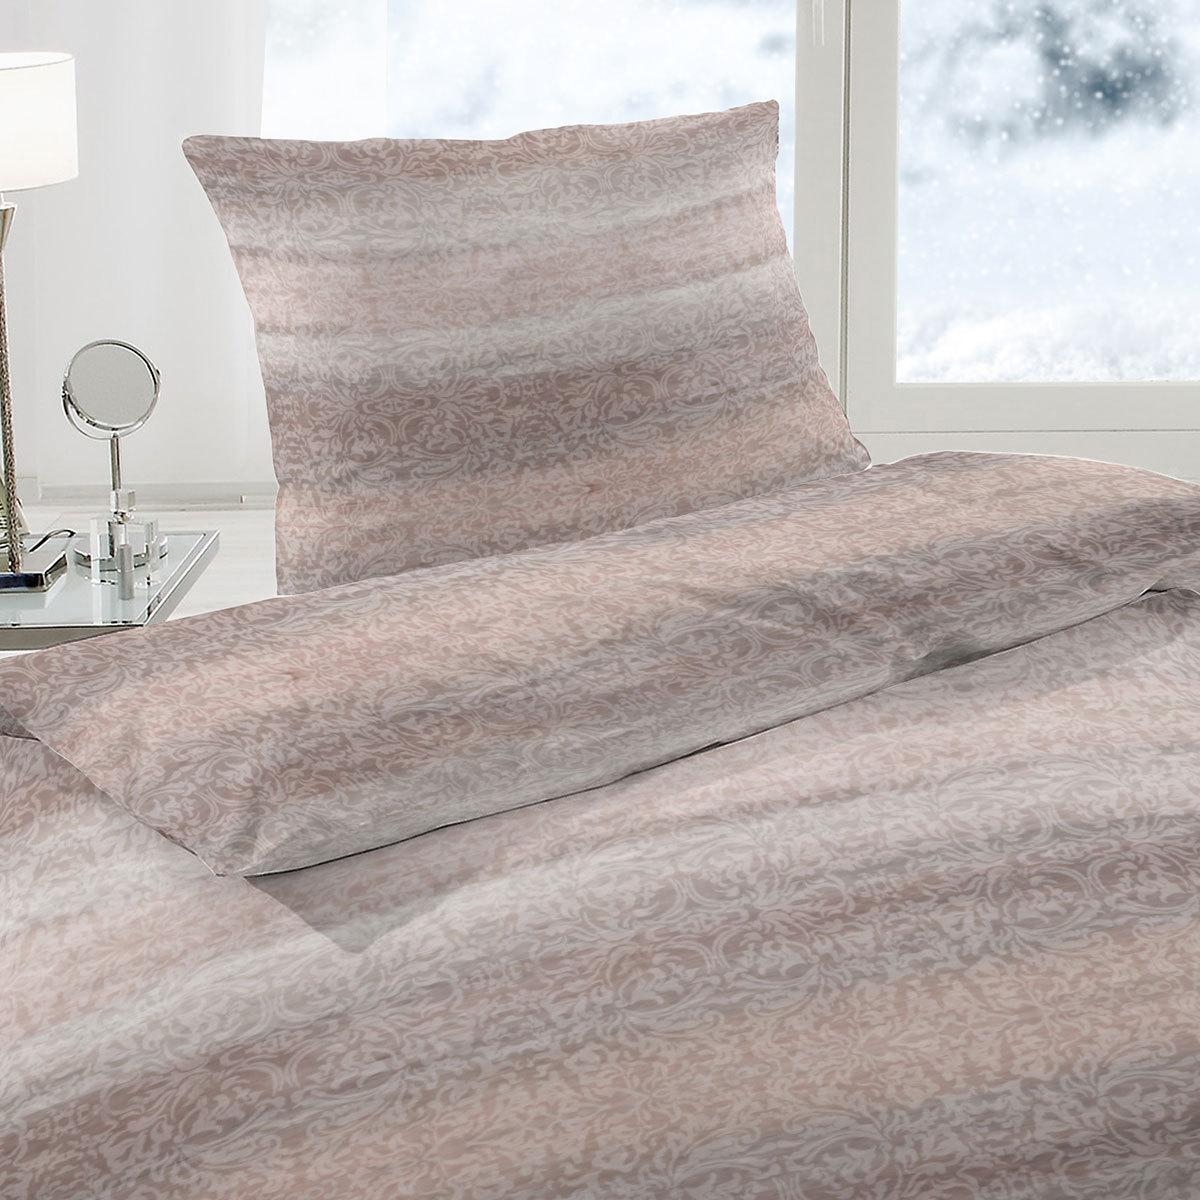 enrico coss soft jersey bettw sche oslo braun g nstig online kaufen bei bettwaren shop. Black Bedroom Furniture Sets. Home Design Ideas